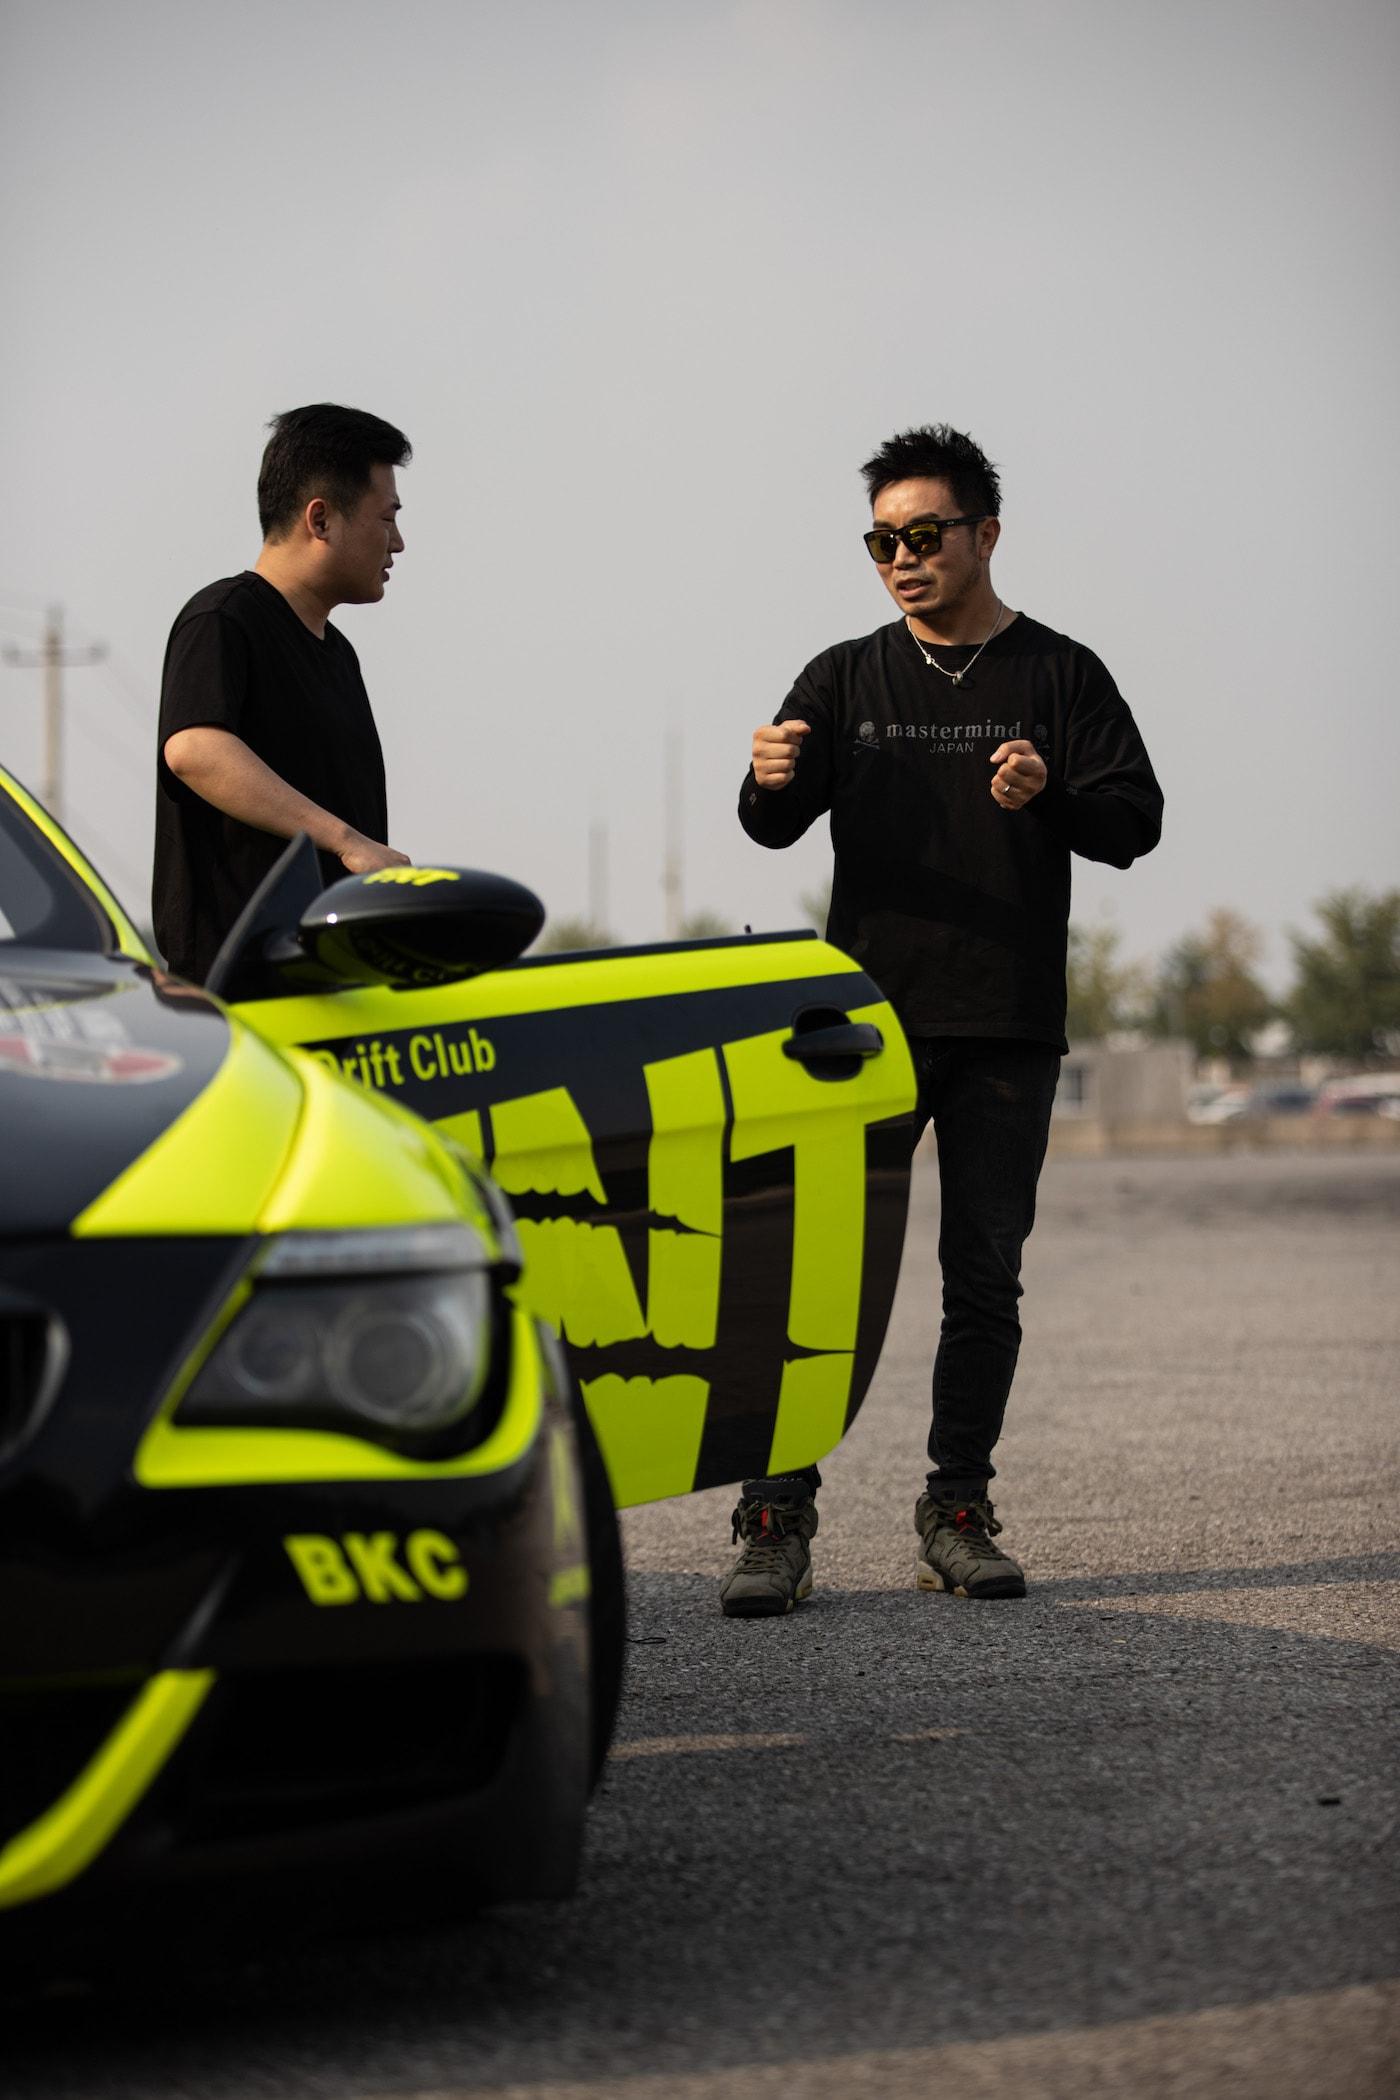 控制与失控的艺术:专访 TNT 漂移俱乐部创办人韩家豪   THROTTLE